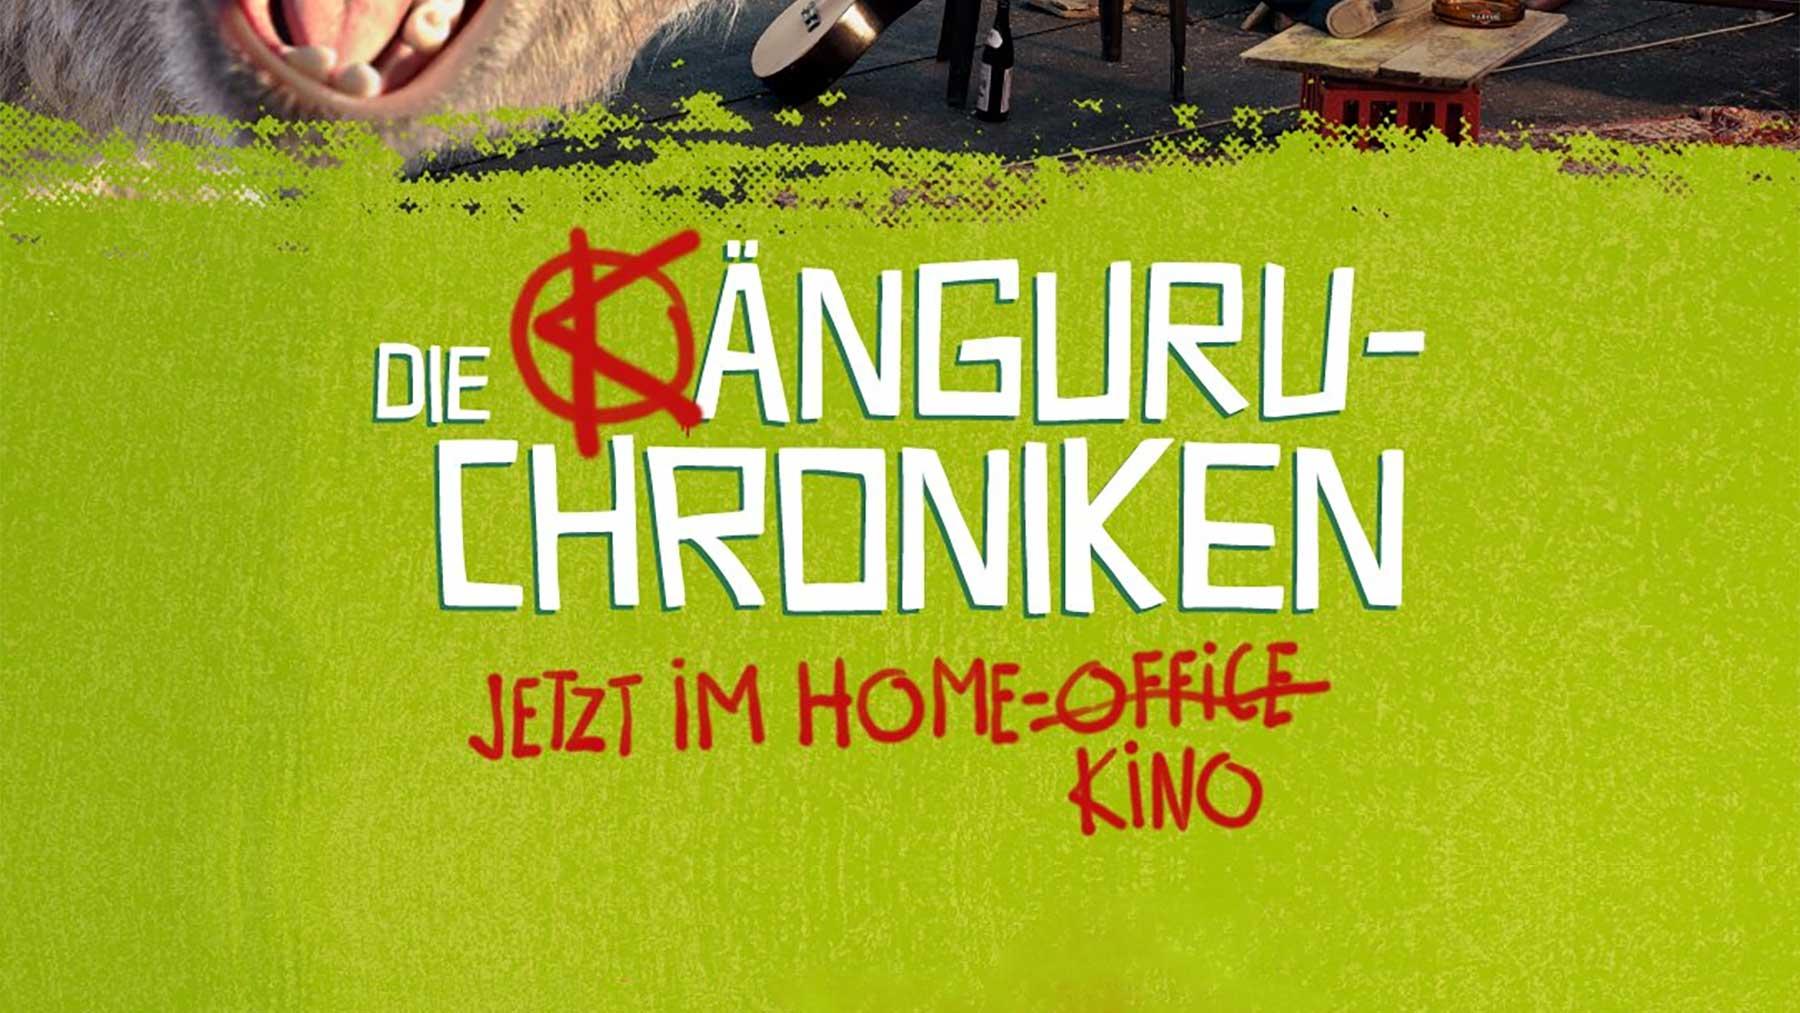 Die Känguru-Chroniken: Film ab morgen als Download und Stream erhältlich